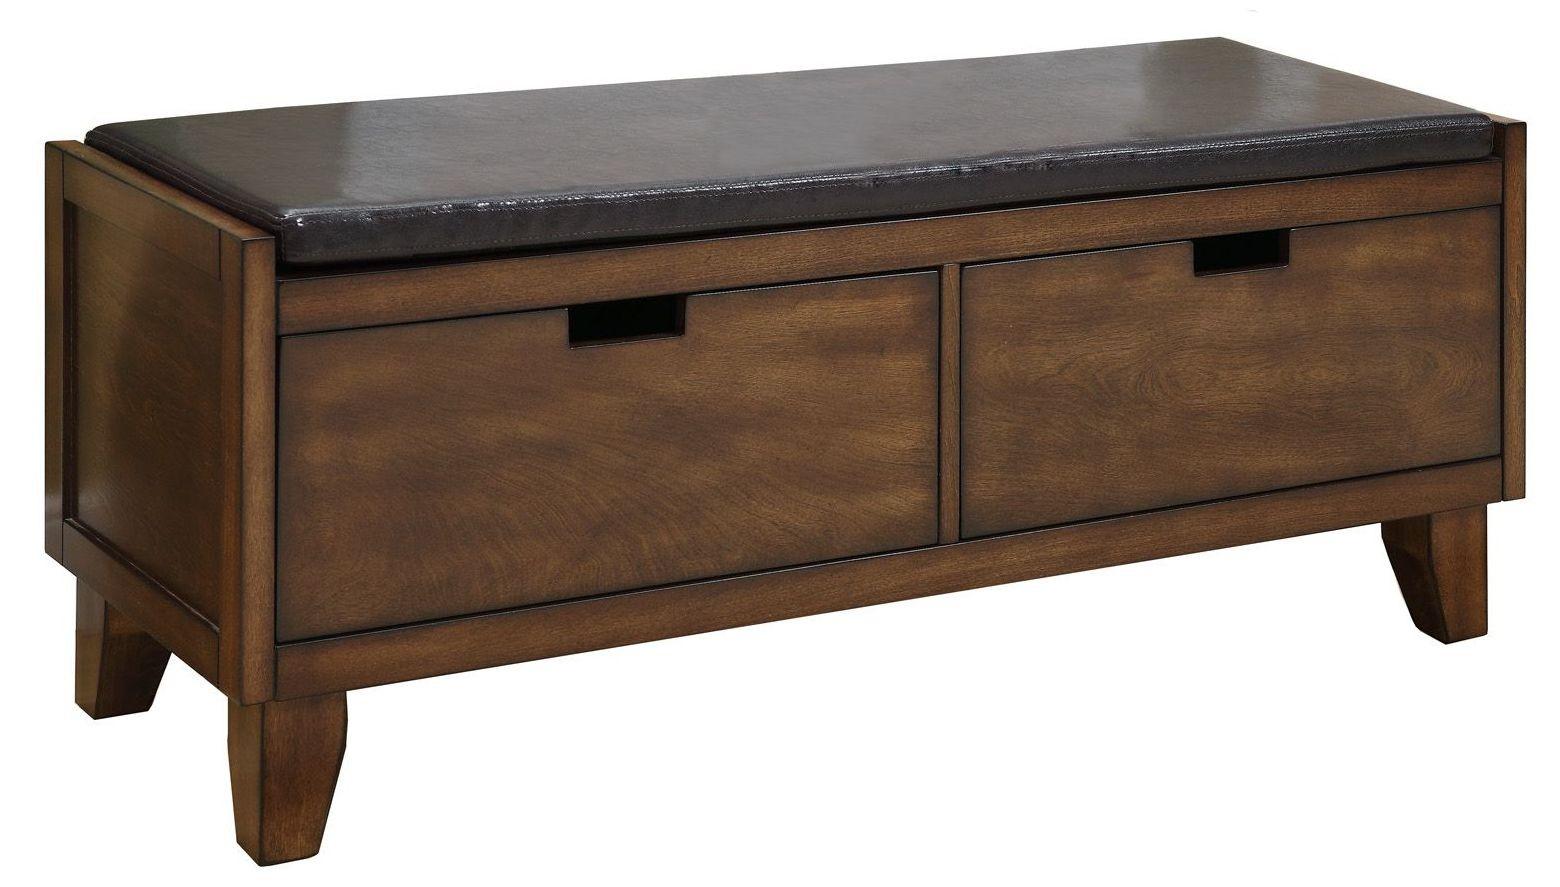 4508 Dark Walnut Solid Wood Storage Bench From Monarch I 4508 Coleman Furniture